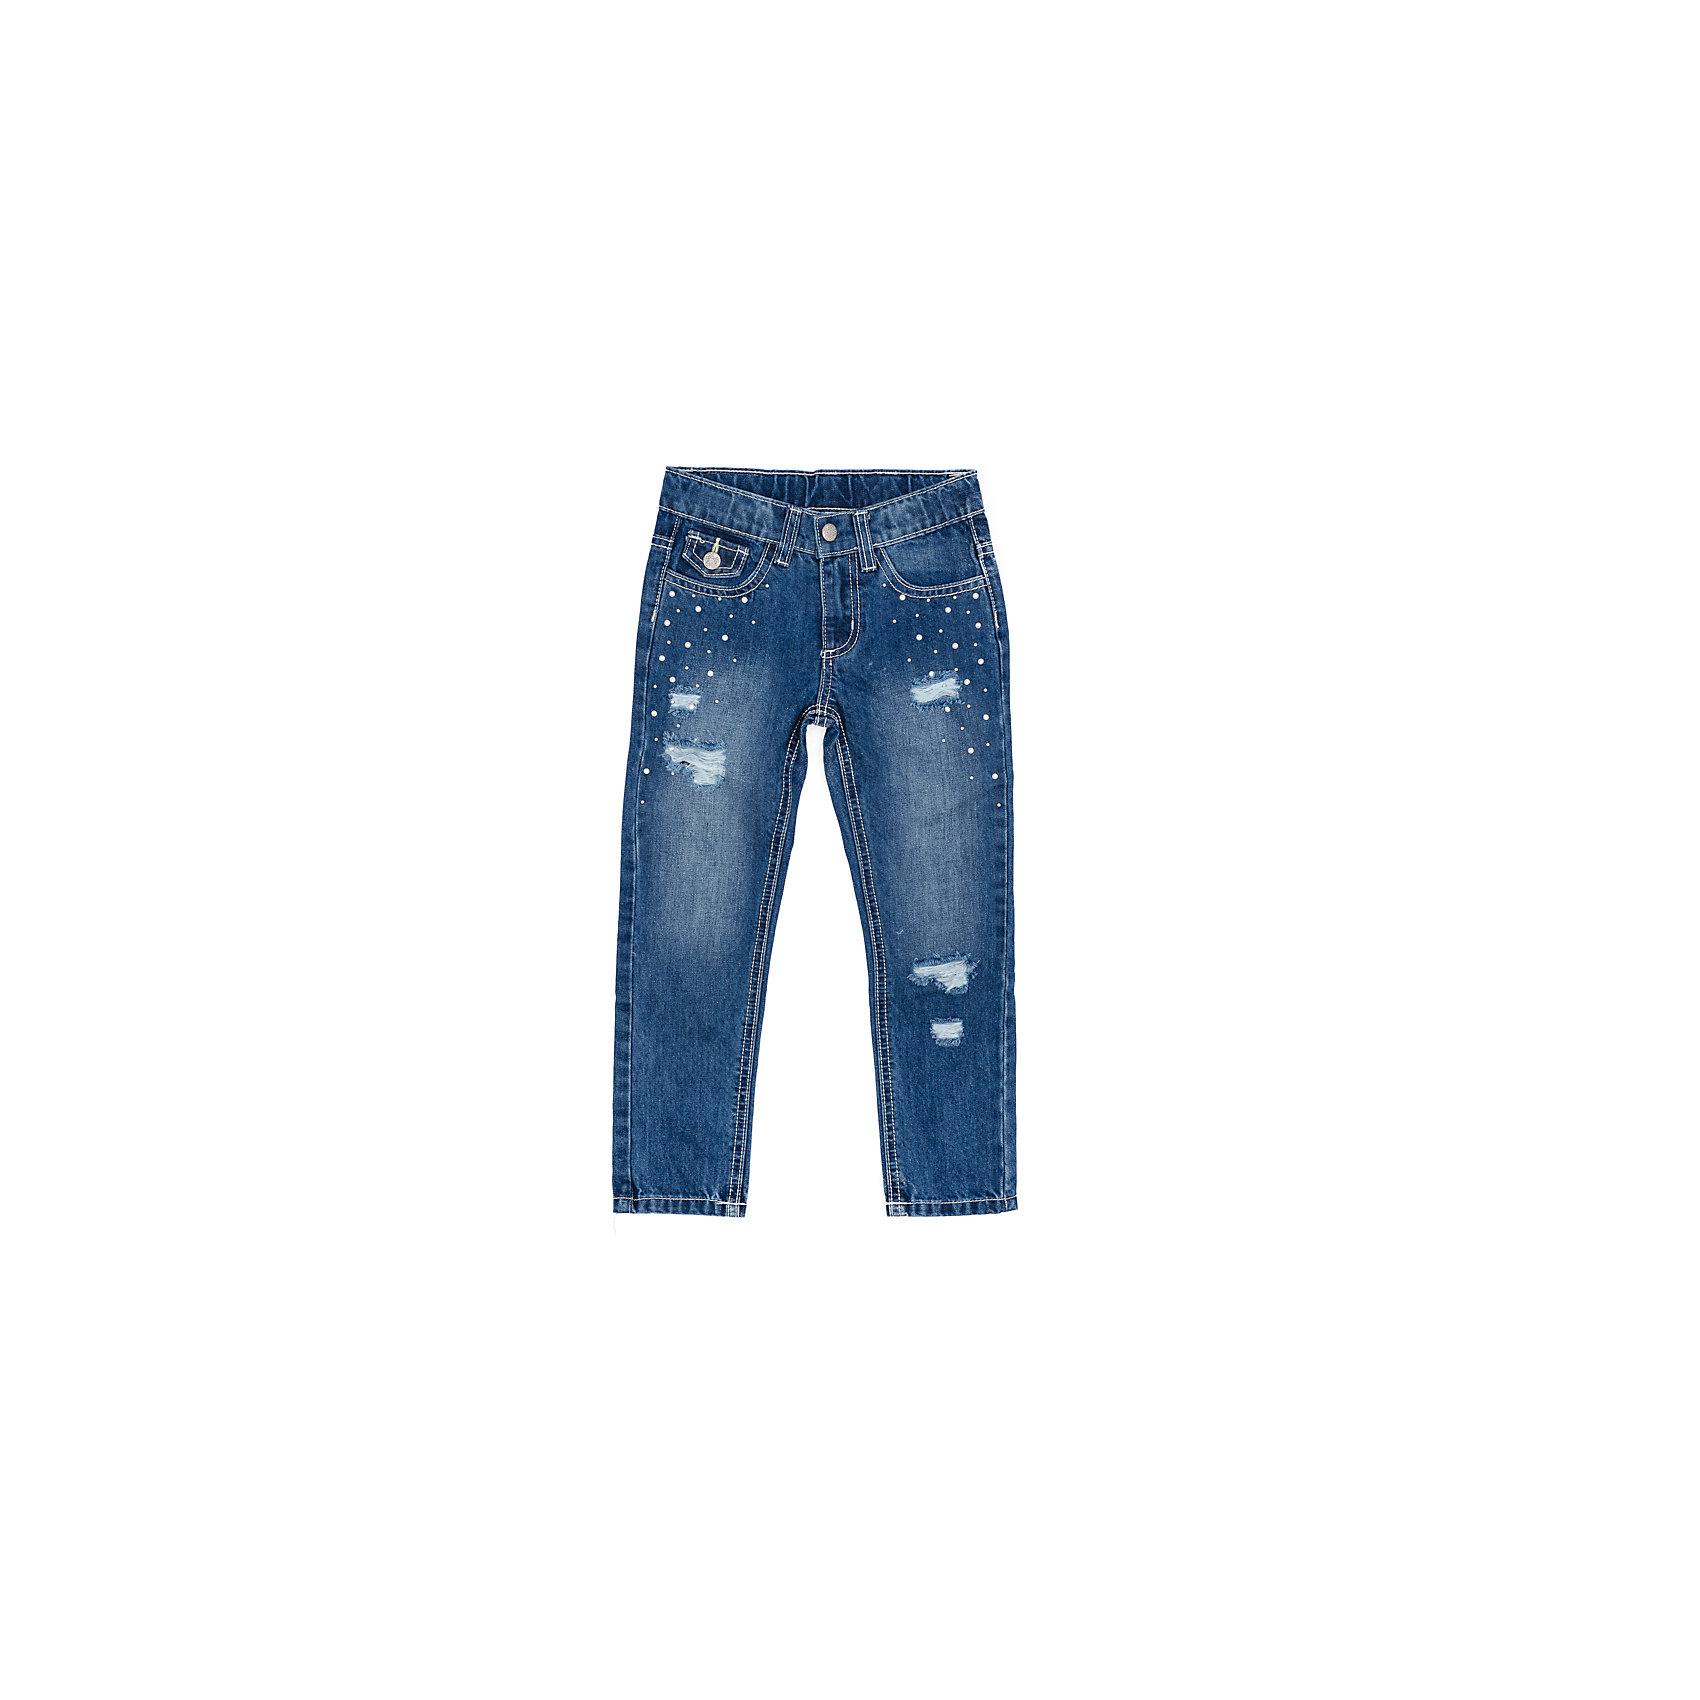 Джинсы для девочки PlayTodayДжинсовая одежда<br>Джинсы для девочки PlayToday<br>Эффектные брюки из джинсовой ткани понравятся Вашей моднице. Модель с эффектом потертости и металлическими клепками. Шлевки на поясе позволяют использовать ремень. Мягкая ткань, приятная на ощупь не сковывает движений ребенка. <br><br>Преимущества: <br><br>Мягкая ткань не сковывает движений ребенка<br>Модель со шлевками для ремня<br>Модель с эффектом потертости с металлическими клепками<br><br><br>Состав:<br>100% хлопок<br><br>Ширина мм: 215<br>Глубина мм: 88<br>Высота мм: 191<br>Вес г: 336<br>Цвет: синий<br>Возраст от месяцев: 84<br>Возраст до месяцев: 96<br>Пол: Женский<br>Возраст: Детский<br>Размер: 128,98,104,110,116,122<br>SKU: 5404251